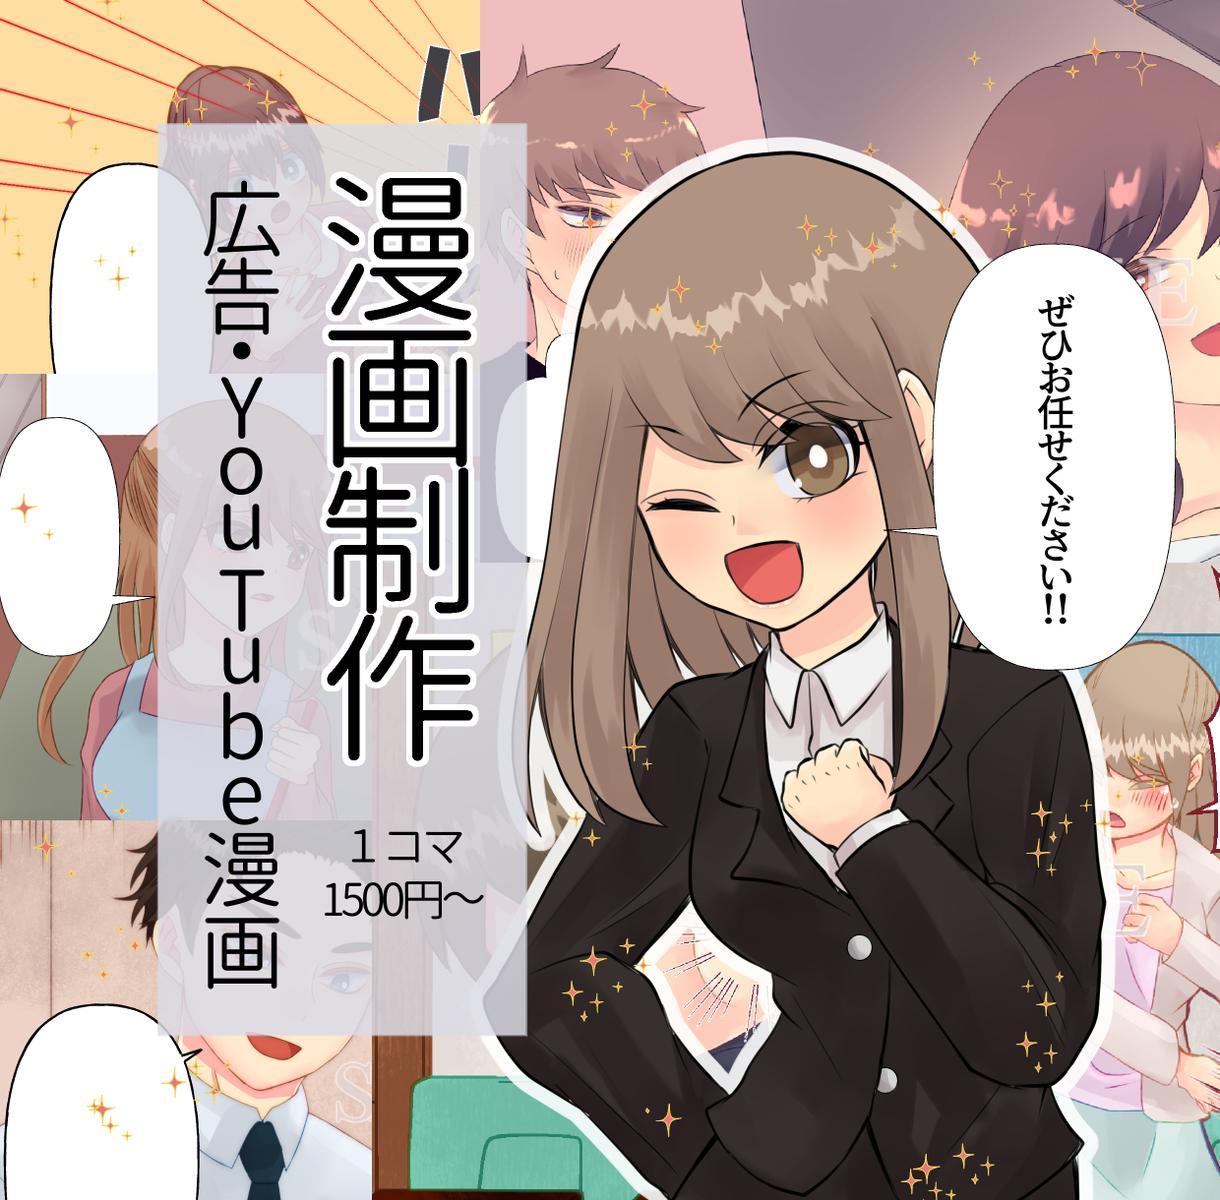 1コマ1500円で色々な漫画描きます LP漫画/SNS/広告/YouTubeなどにどうぞ! イメージ1